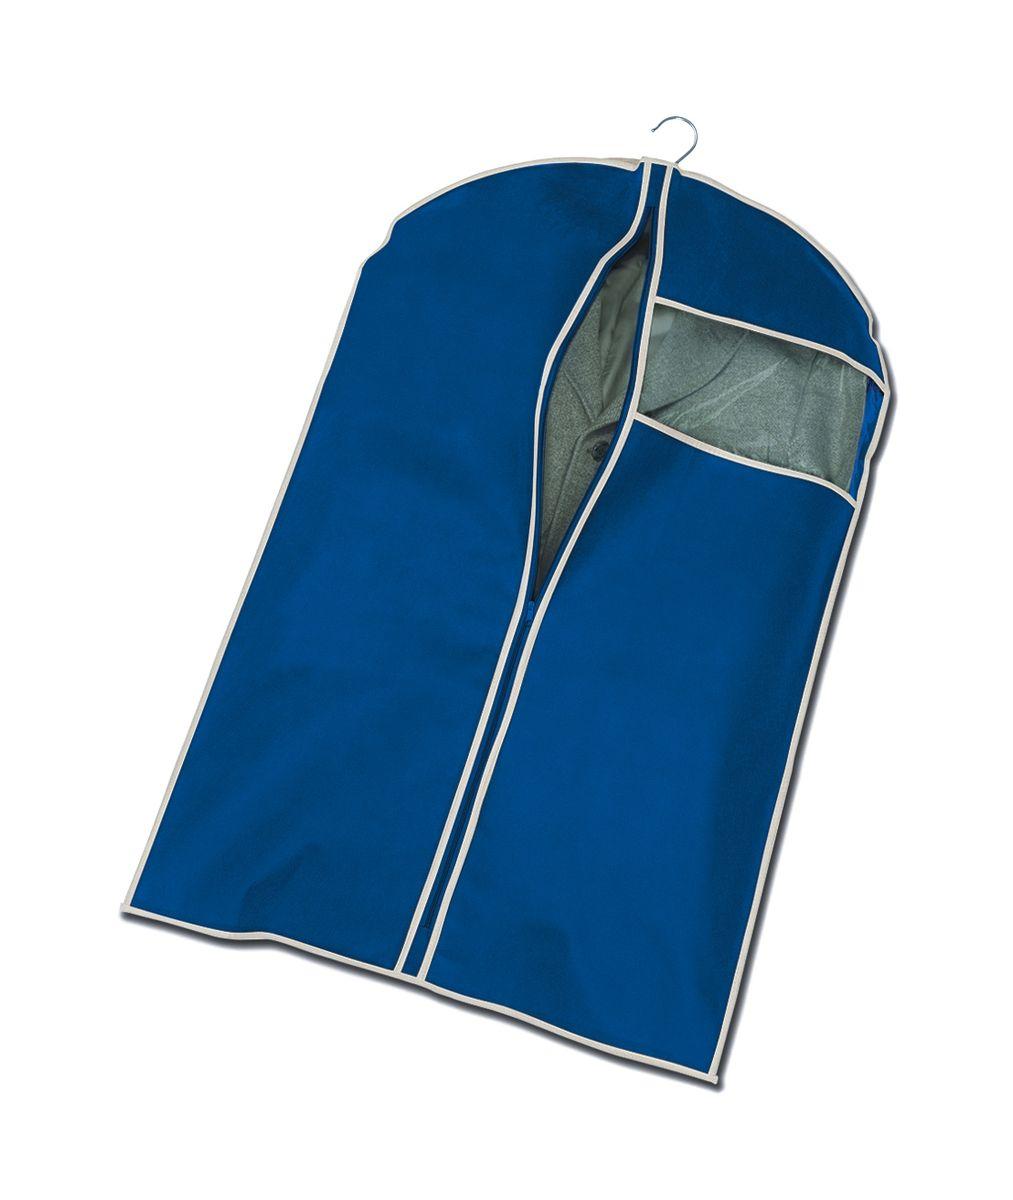 Чехол для пиджака Cosatto, подвесной, цвет: синий, 100 х 60 смCOVLCAT010Подвесной чехол для пиджака Cosatto изготовлен из высококачественного полипропилена, который обеспечивает естественную вентиляцию, позволяя воздуху проникать внутрь, но не пропускает пыль. Чехол очень удобен в использовании, а благодаря его форме, одежда не мнется даже при длительном хранении. Специальная прозрачная вставка позволяет видеть содержимое внутри чехла, не открывая его. Изделие легко открывается и закрывается застежкой-молнией.Чехол для пиджака будет очень полезен при транспортировке вещей на близкие и дальние расстояния, при длительном хранении сезонной одежды, а также при ежедневном хранении вещей из деликатных тканей.